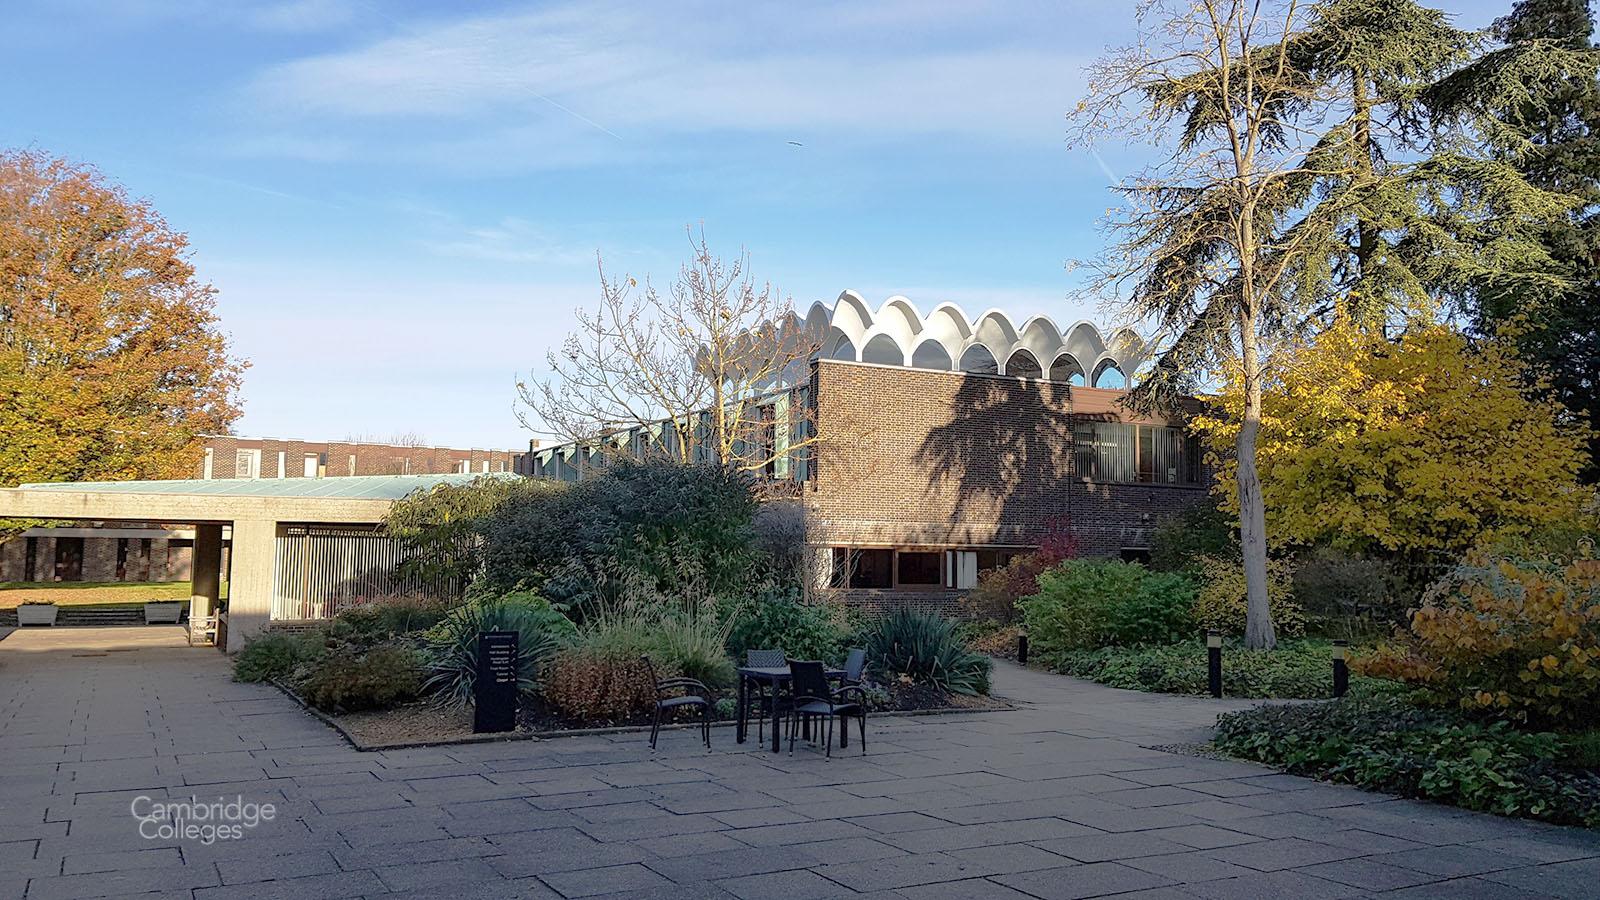 Some of the original 1960's buildings at Fitzwilliam college, Cambridge